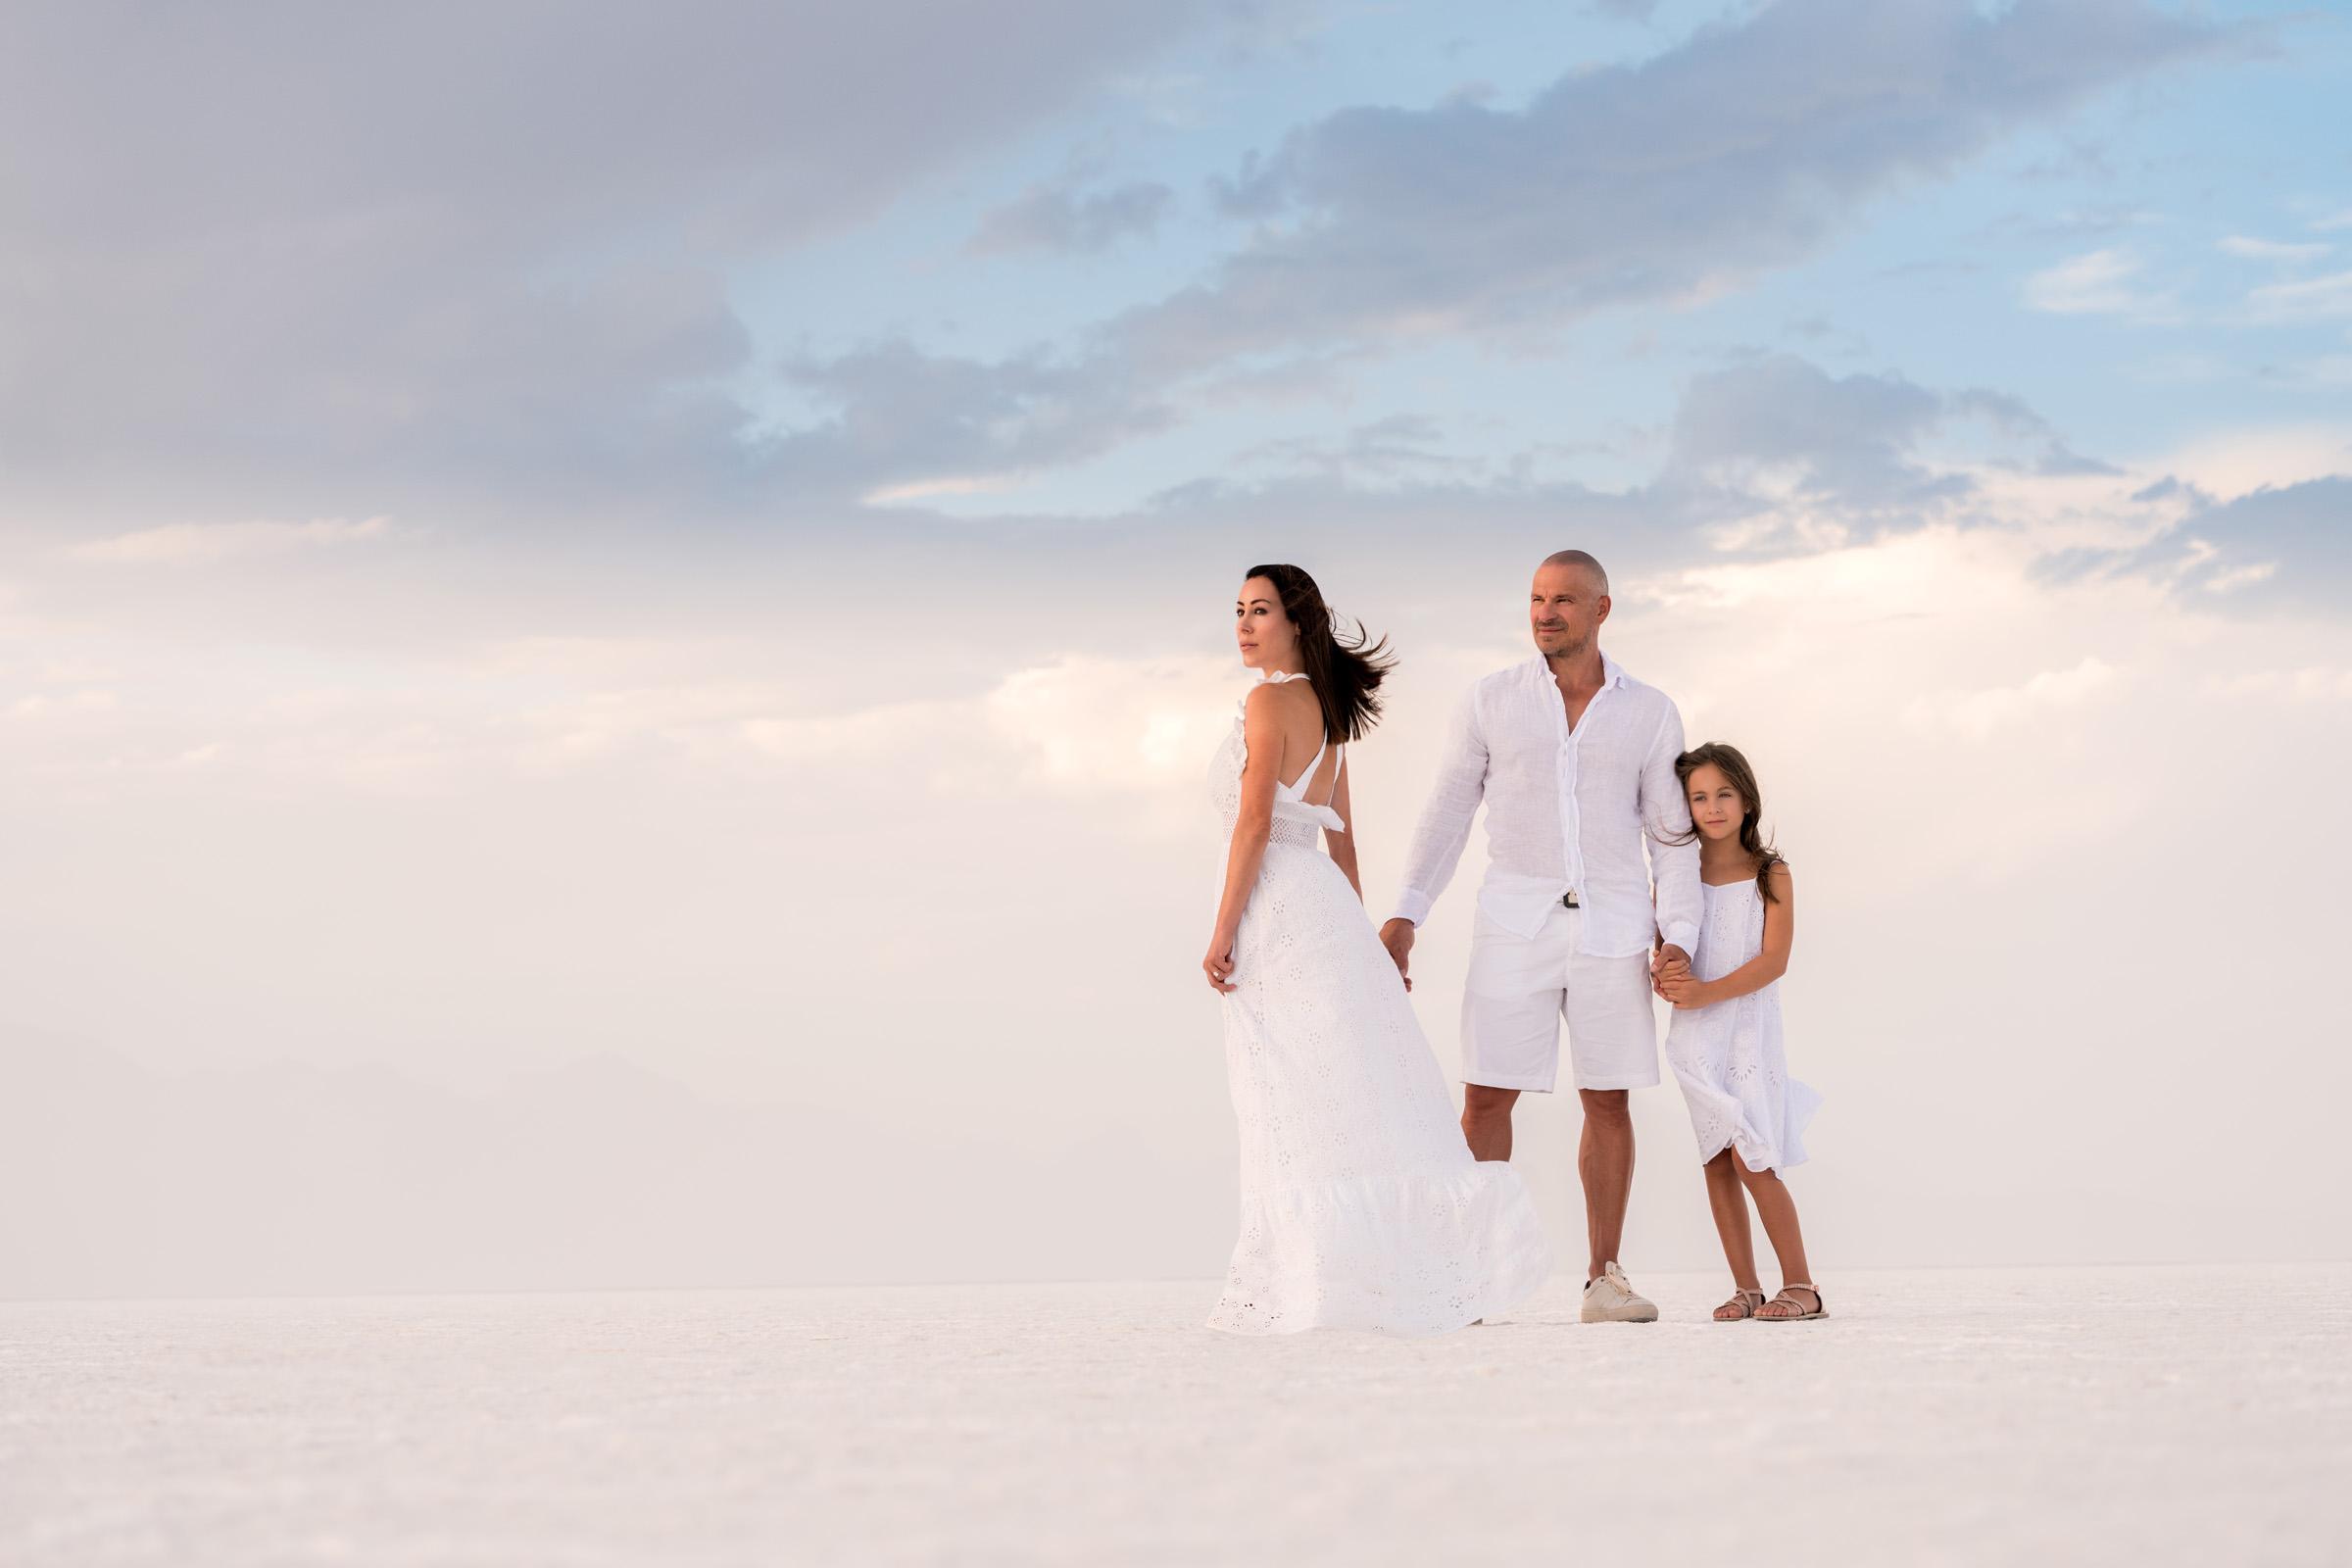 portrait family salt flats